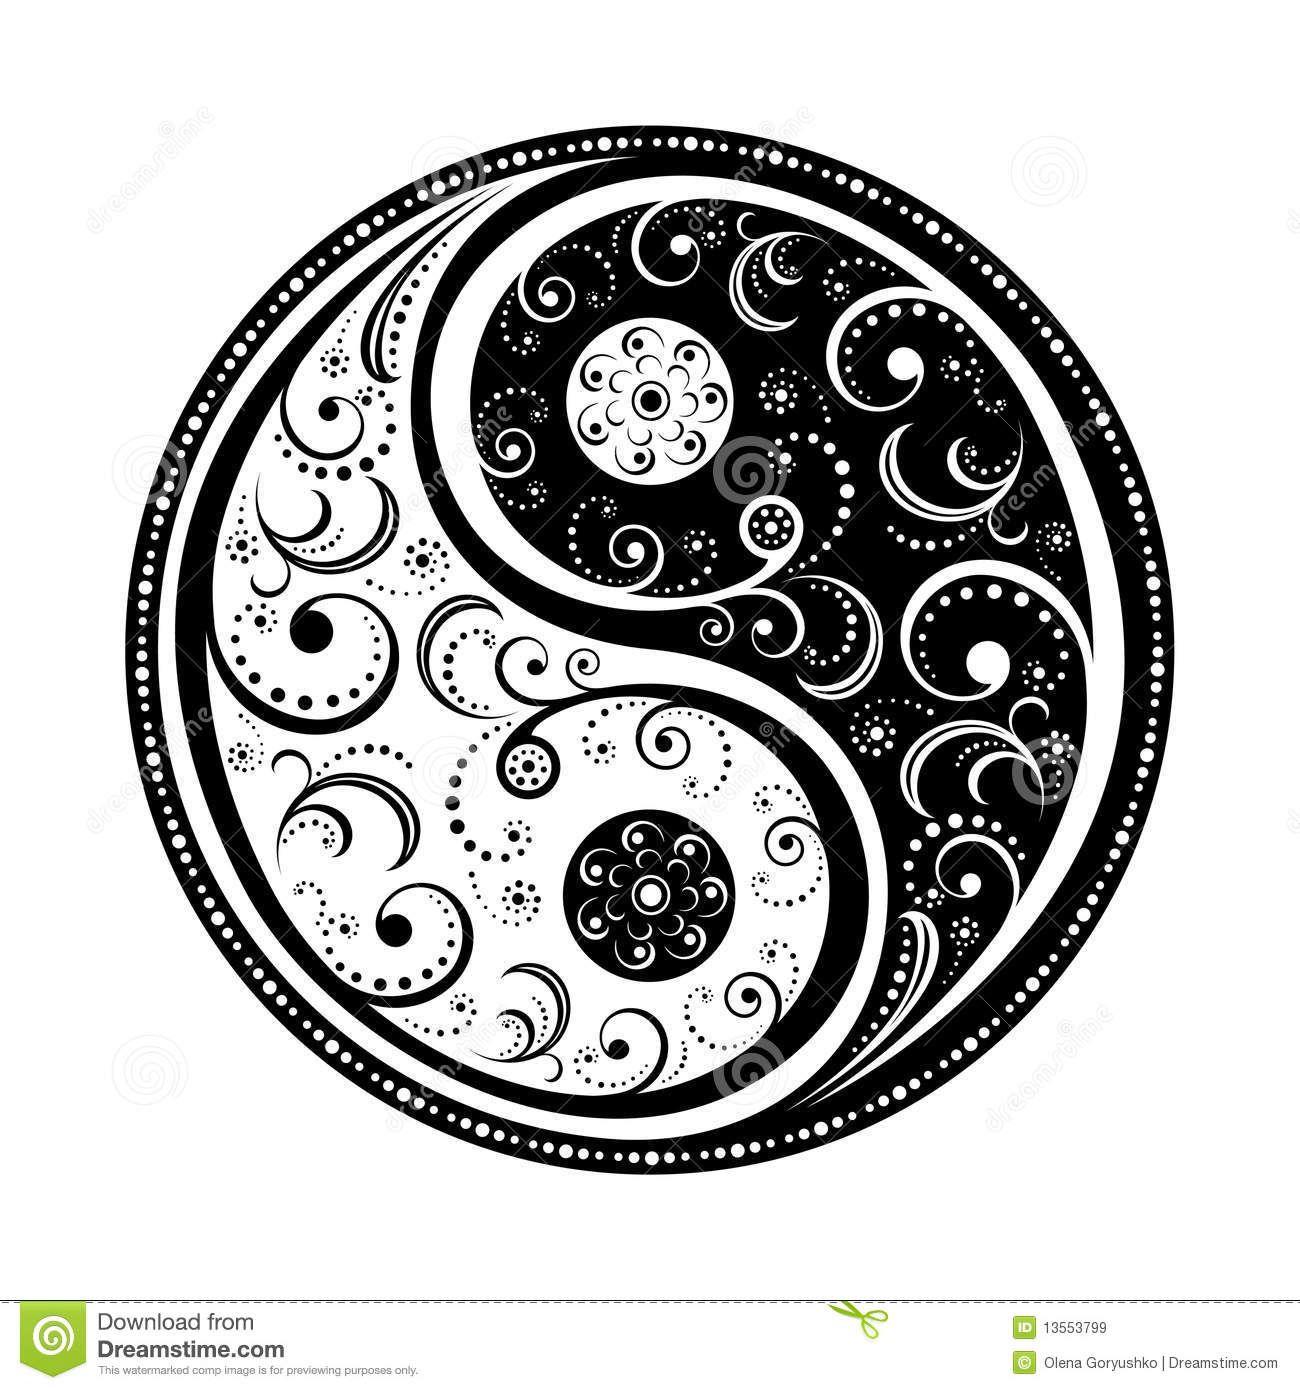 Coloring pages yin yang - Mandale Wzory Do Druku Szukaj W Google Yin Yang